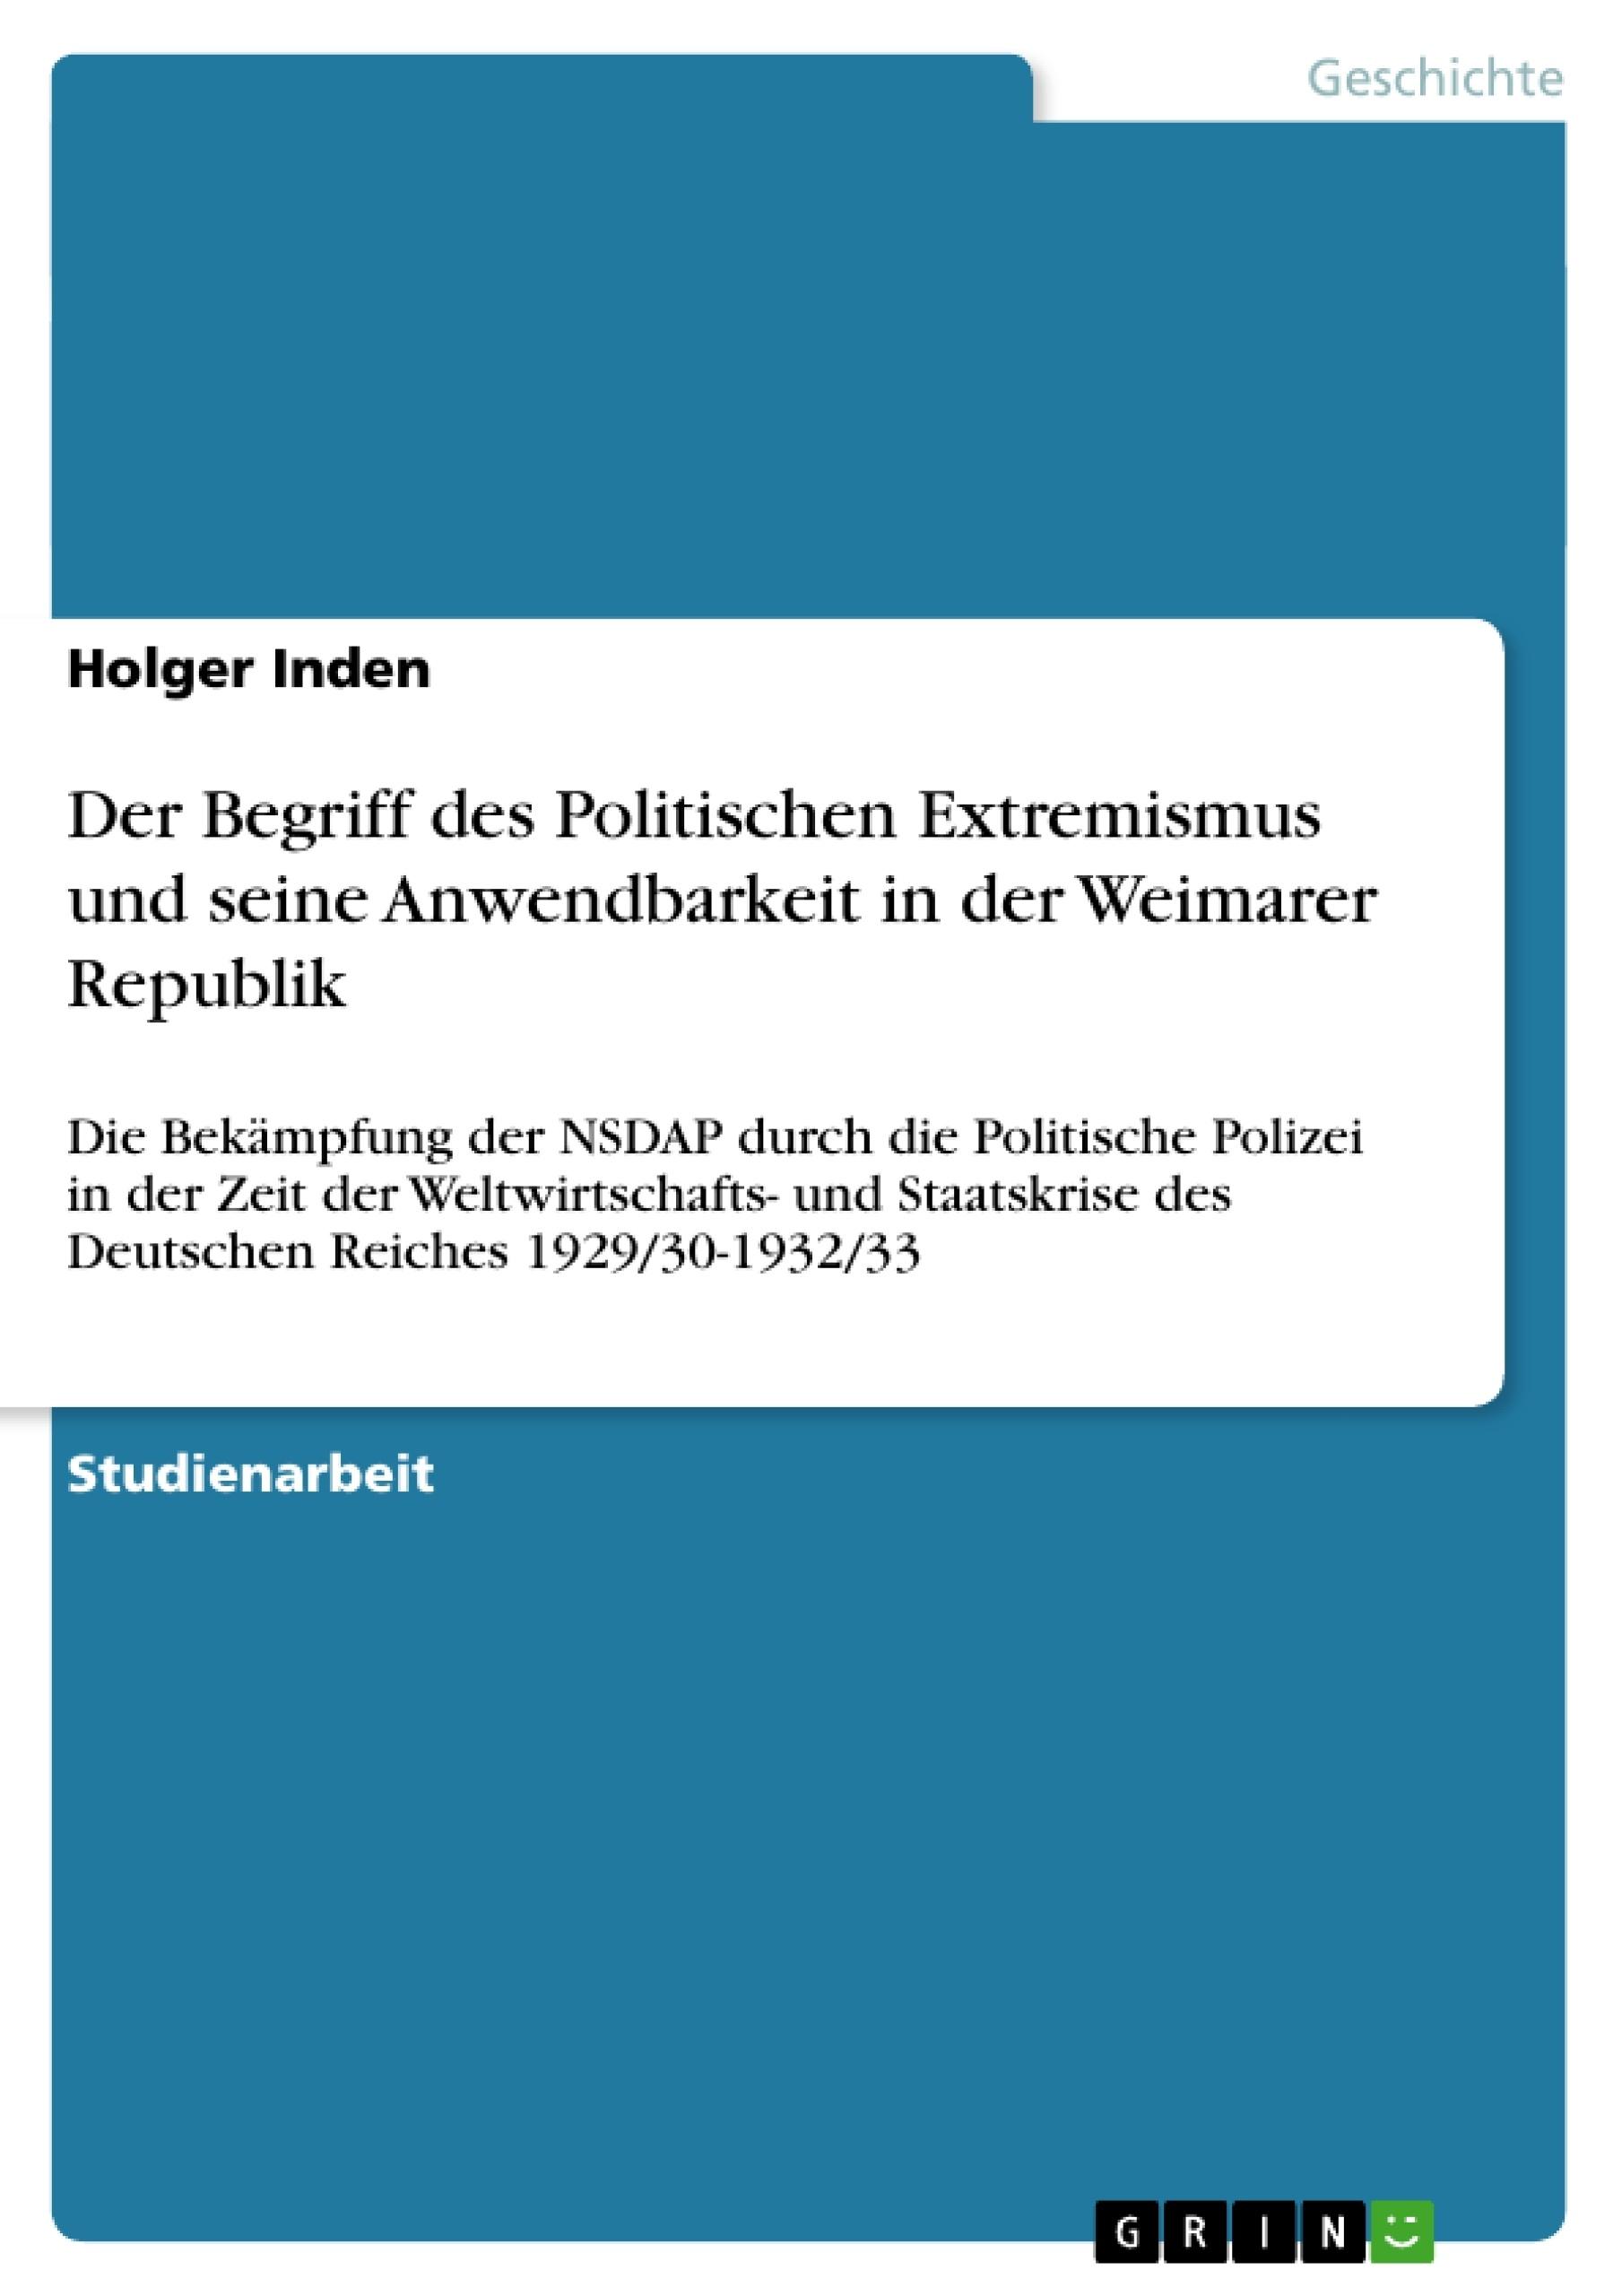 Titel: Der Begriff des Politischen Extremismus und seine Anwendbarkeit in der Weimarer Republik